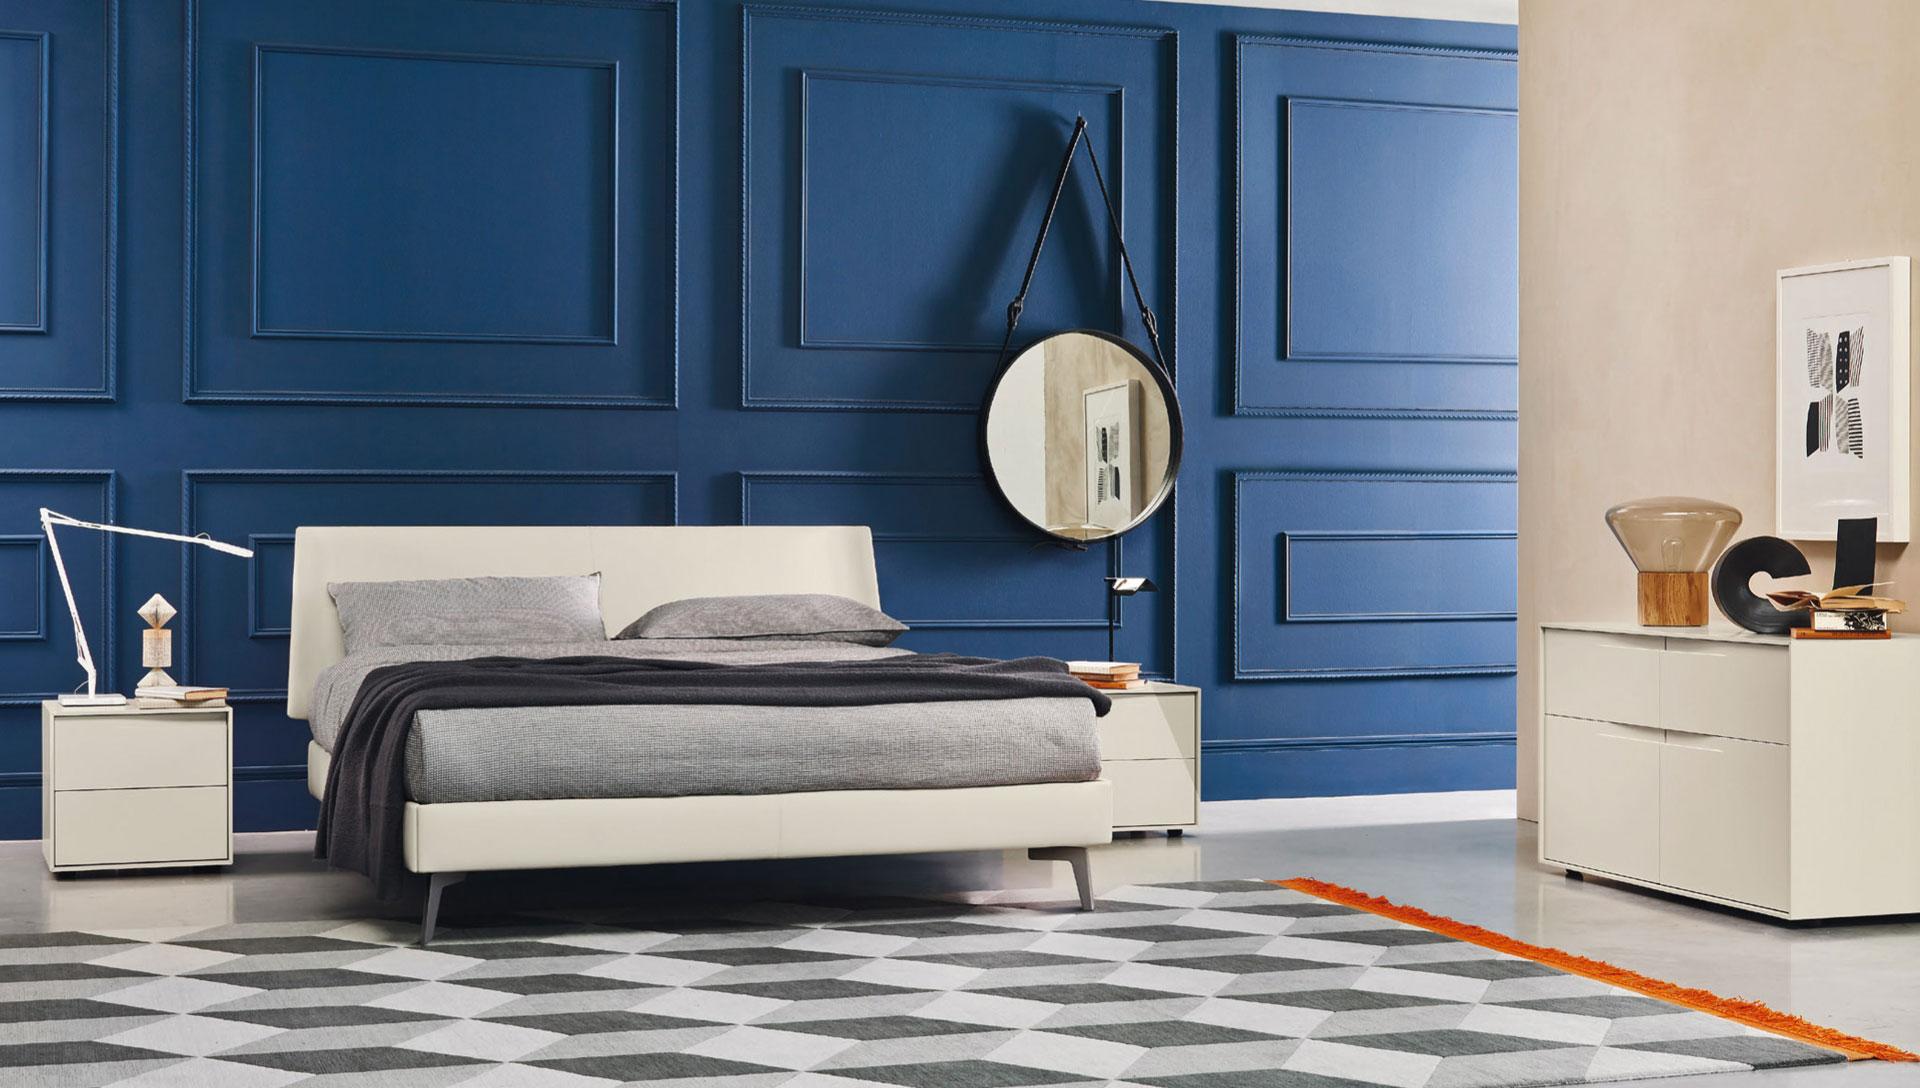 zona-notte-san-giacomo-comodus-arredamenti-nicoletti-interni-interior-design-divani-complementi-arredo-mobili-design-accessori-matera